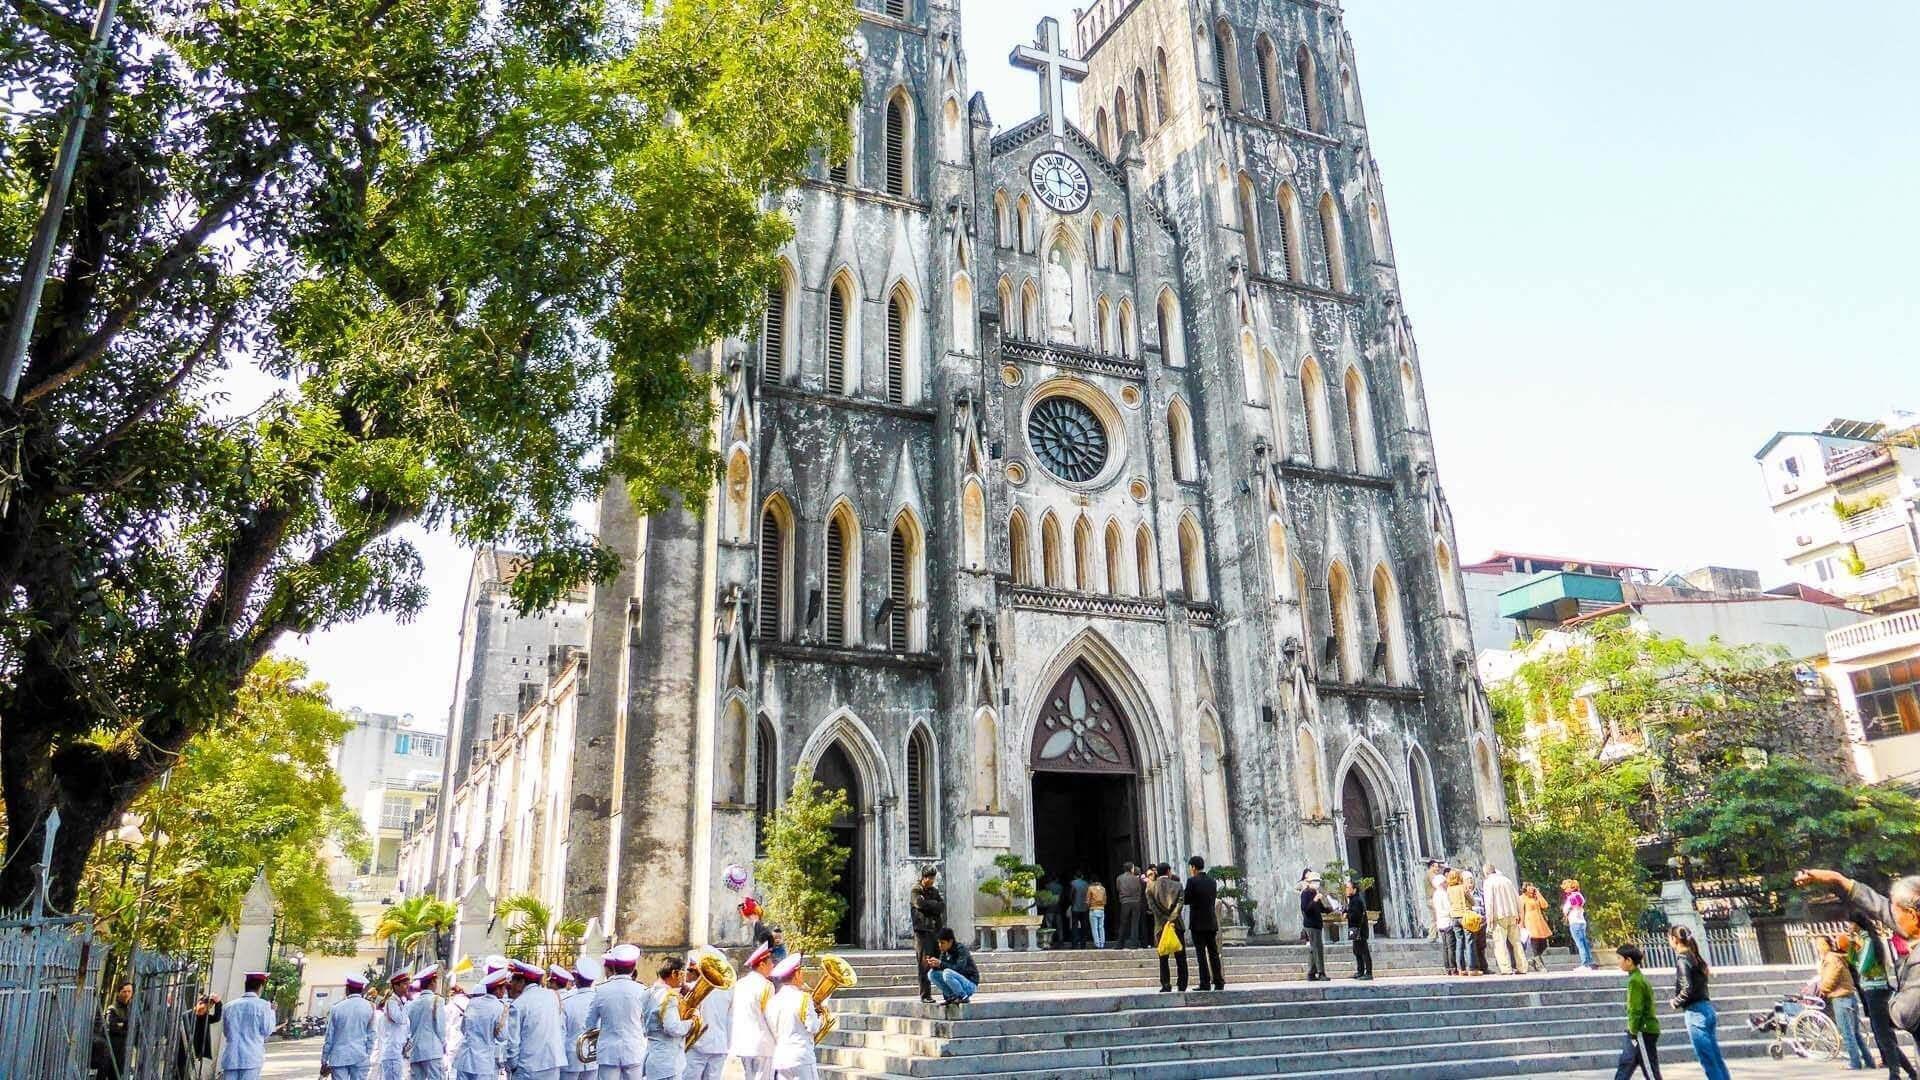 Nhà thờ Lớn Hà Nội - điểm check in ấn tượng dịp Lễ Giáng sinh không nên bỏ qua Ảnh 1